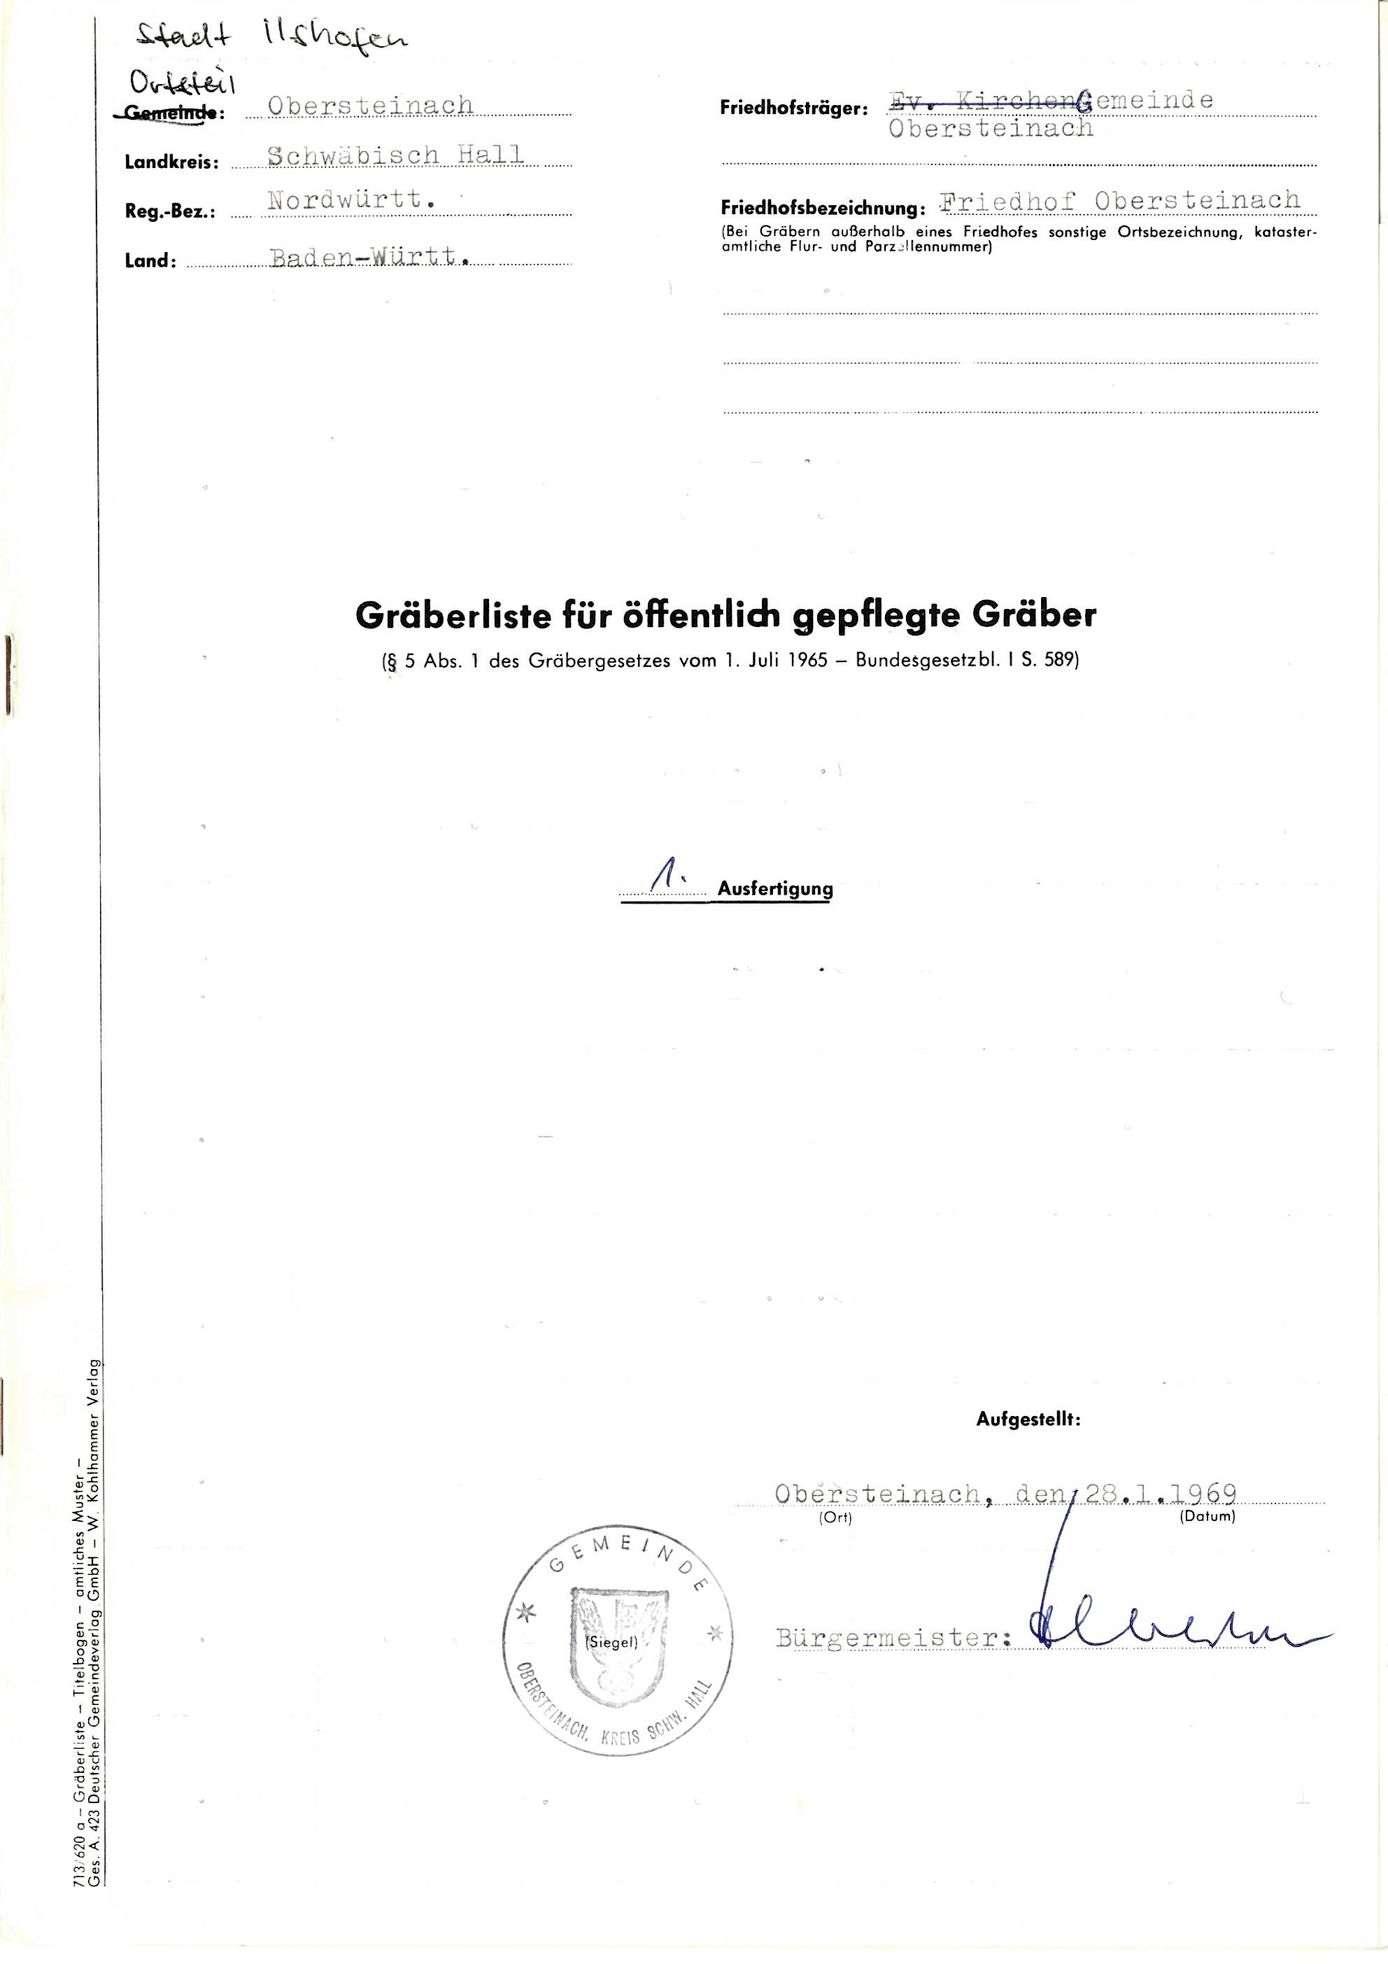 Obersteinach, Bild 1